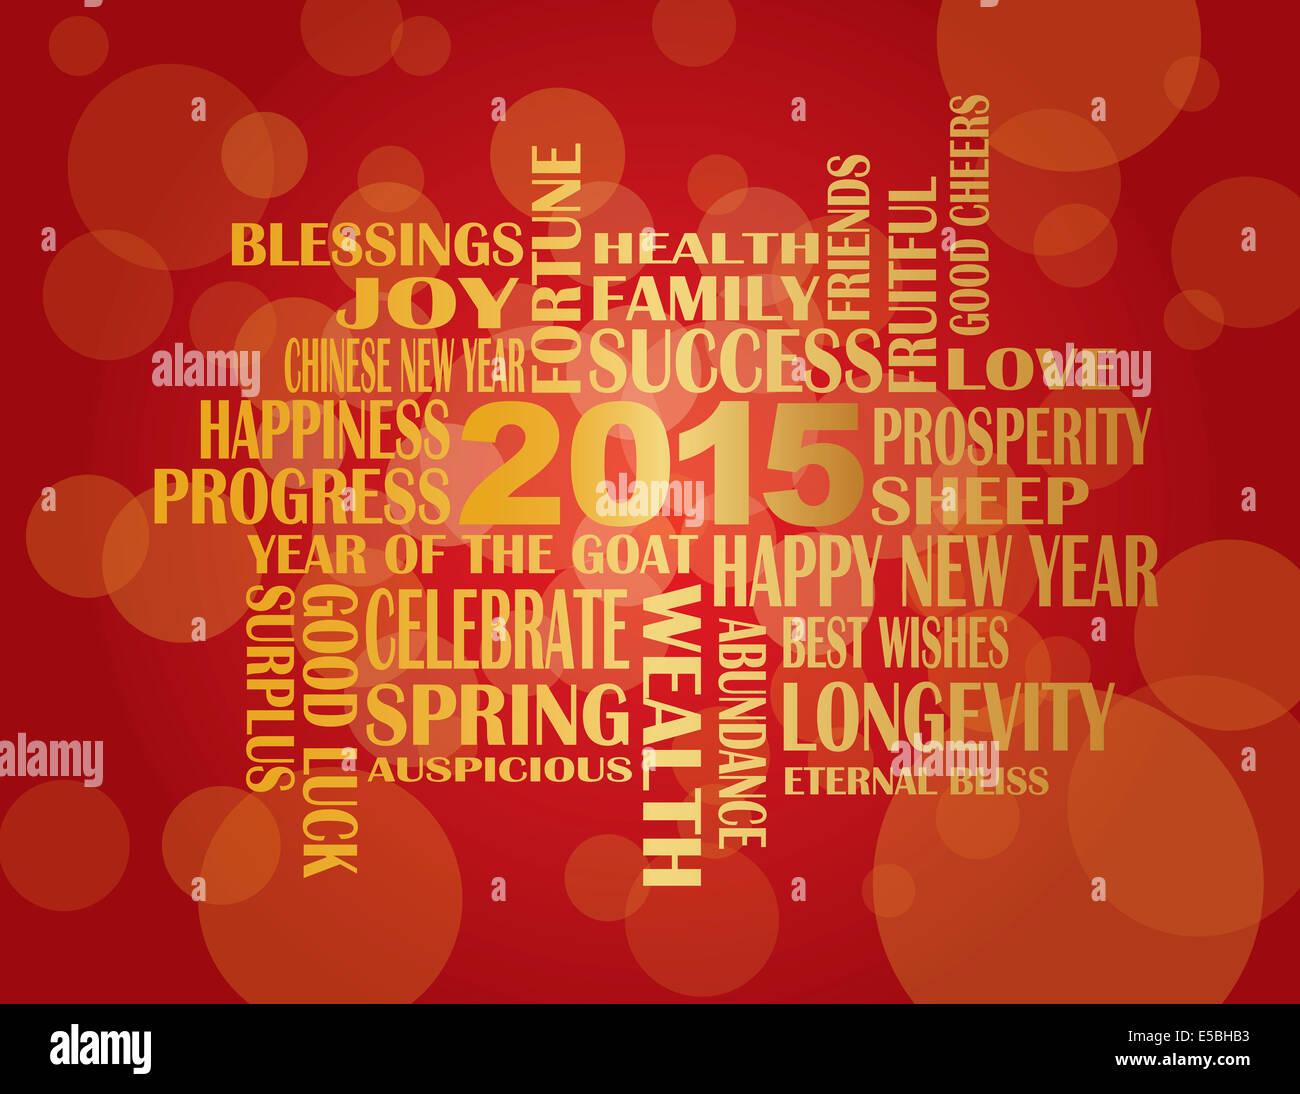 2015 Chinese Lunar New Year Englisch Grüße Text wünschen Gesundheit ...